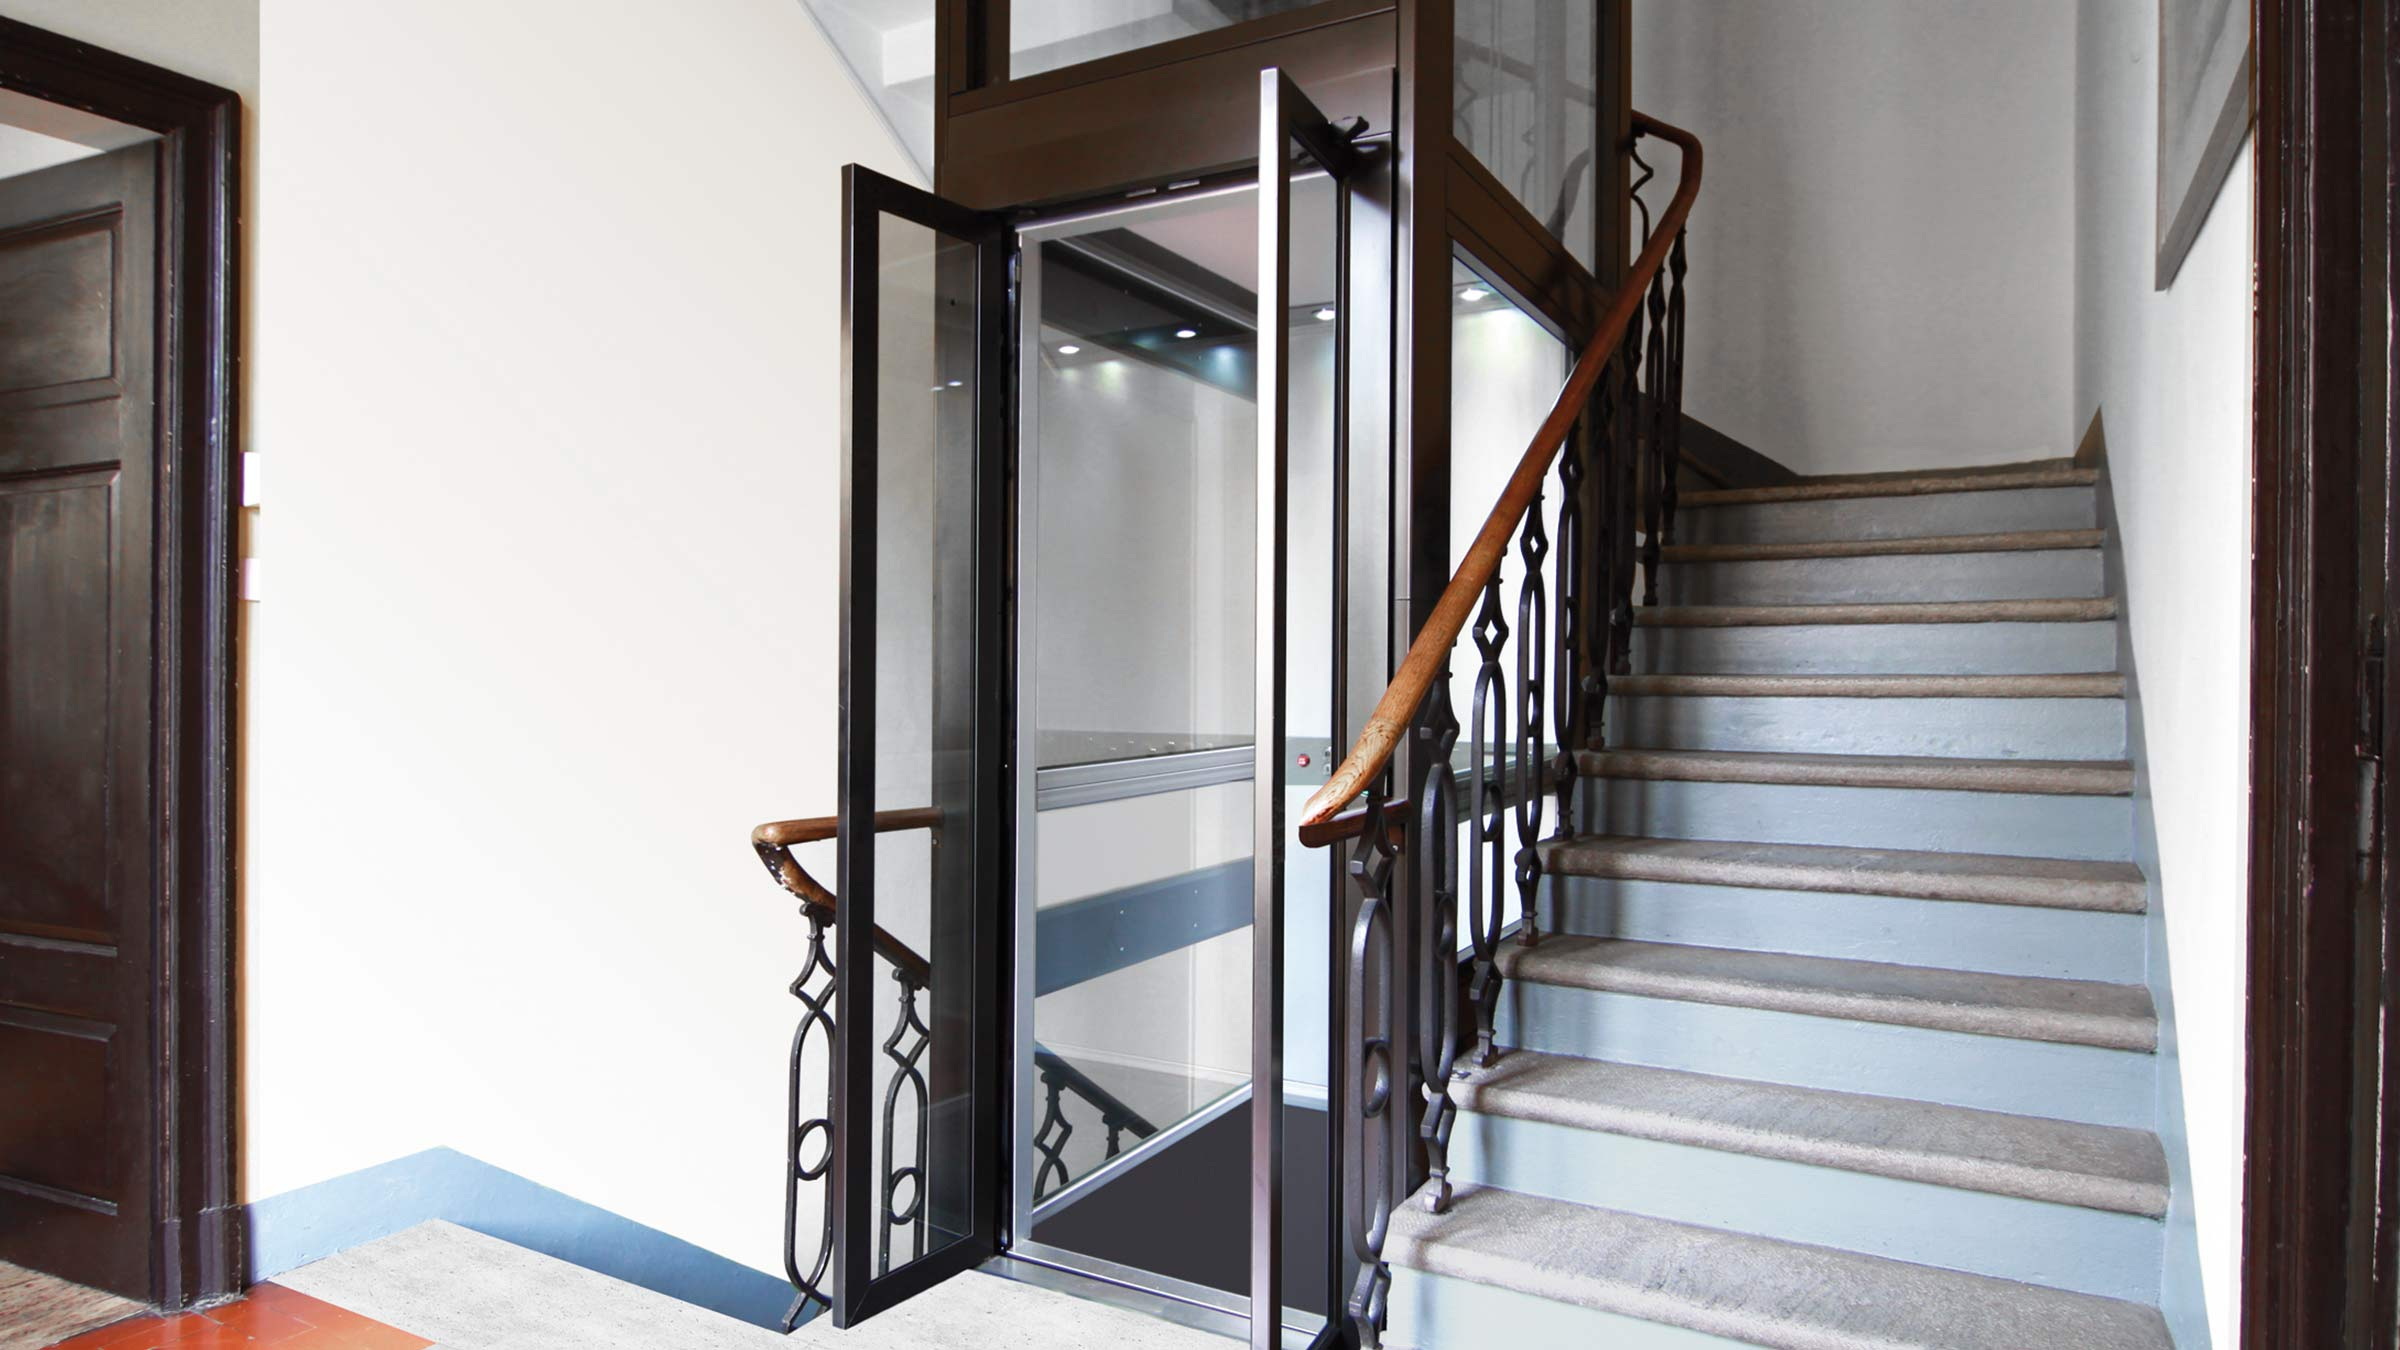 Costo Ascensore Interno 3 Piani prezzi mini ascensori interni/esterni domestici ~ kone motus